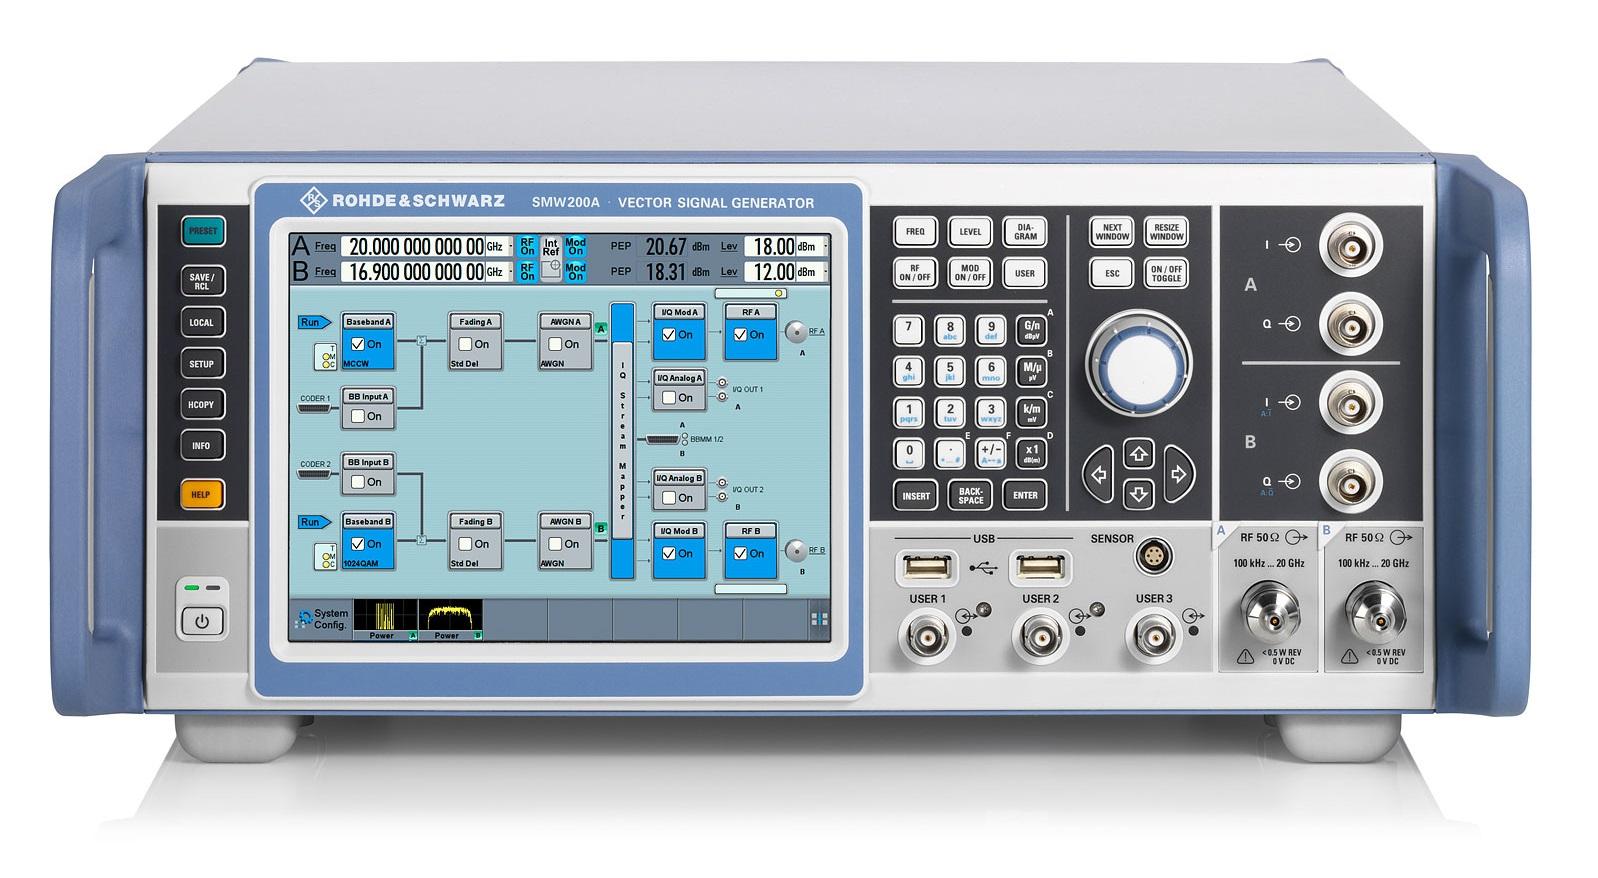 罗德SMW200A矢量信号发生器